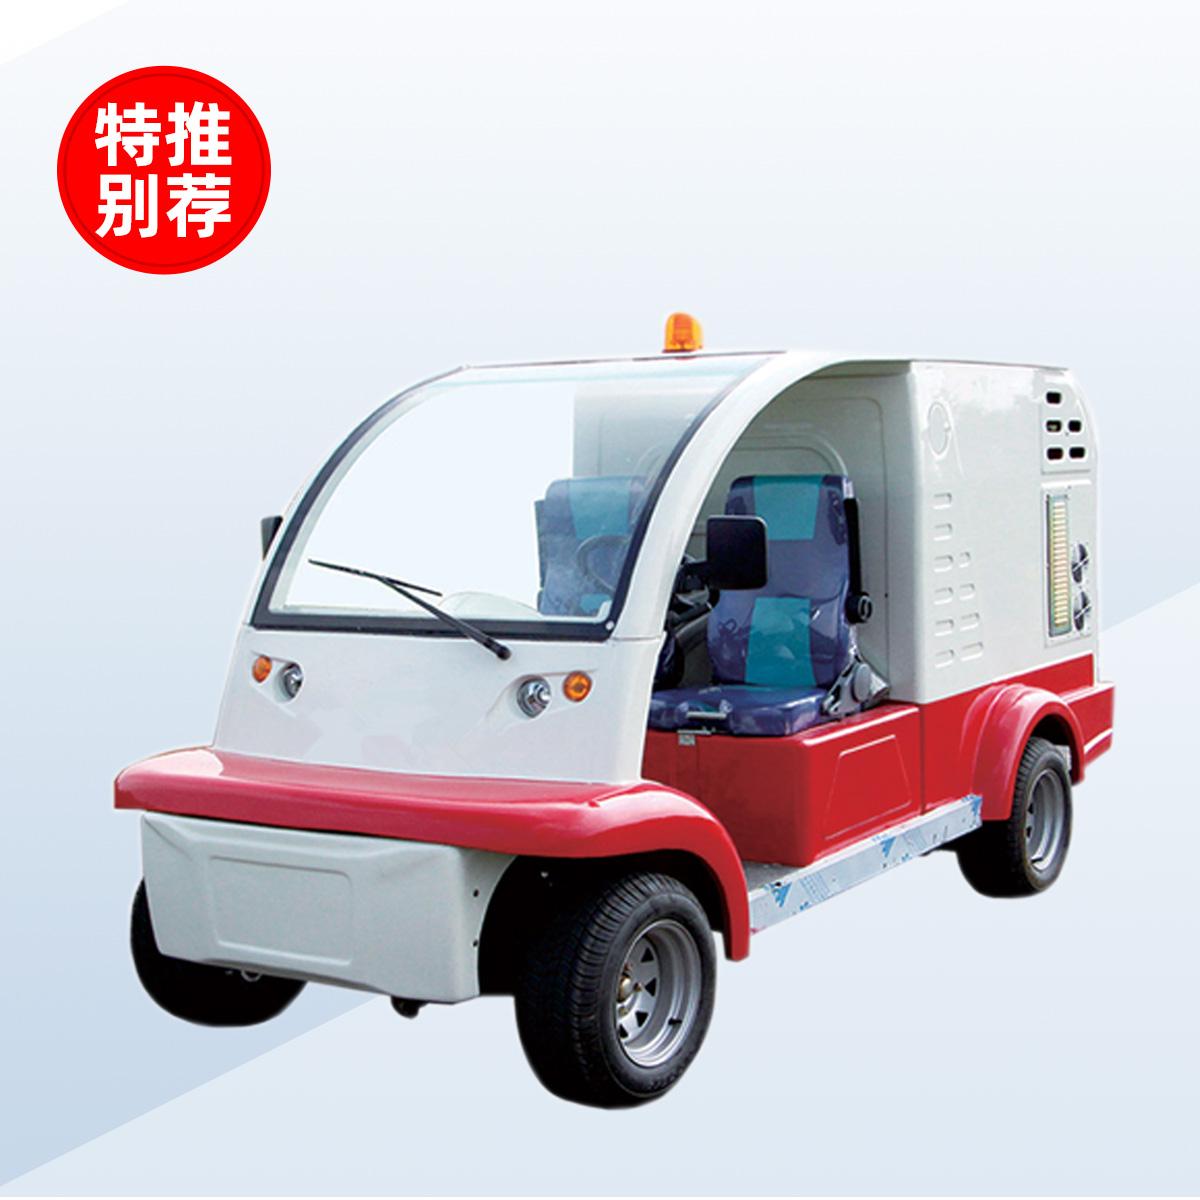 四轮考拉款电动高压冲洗车